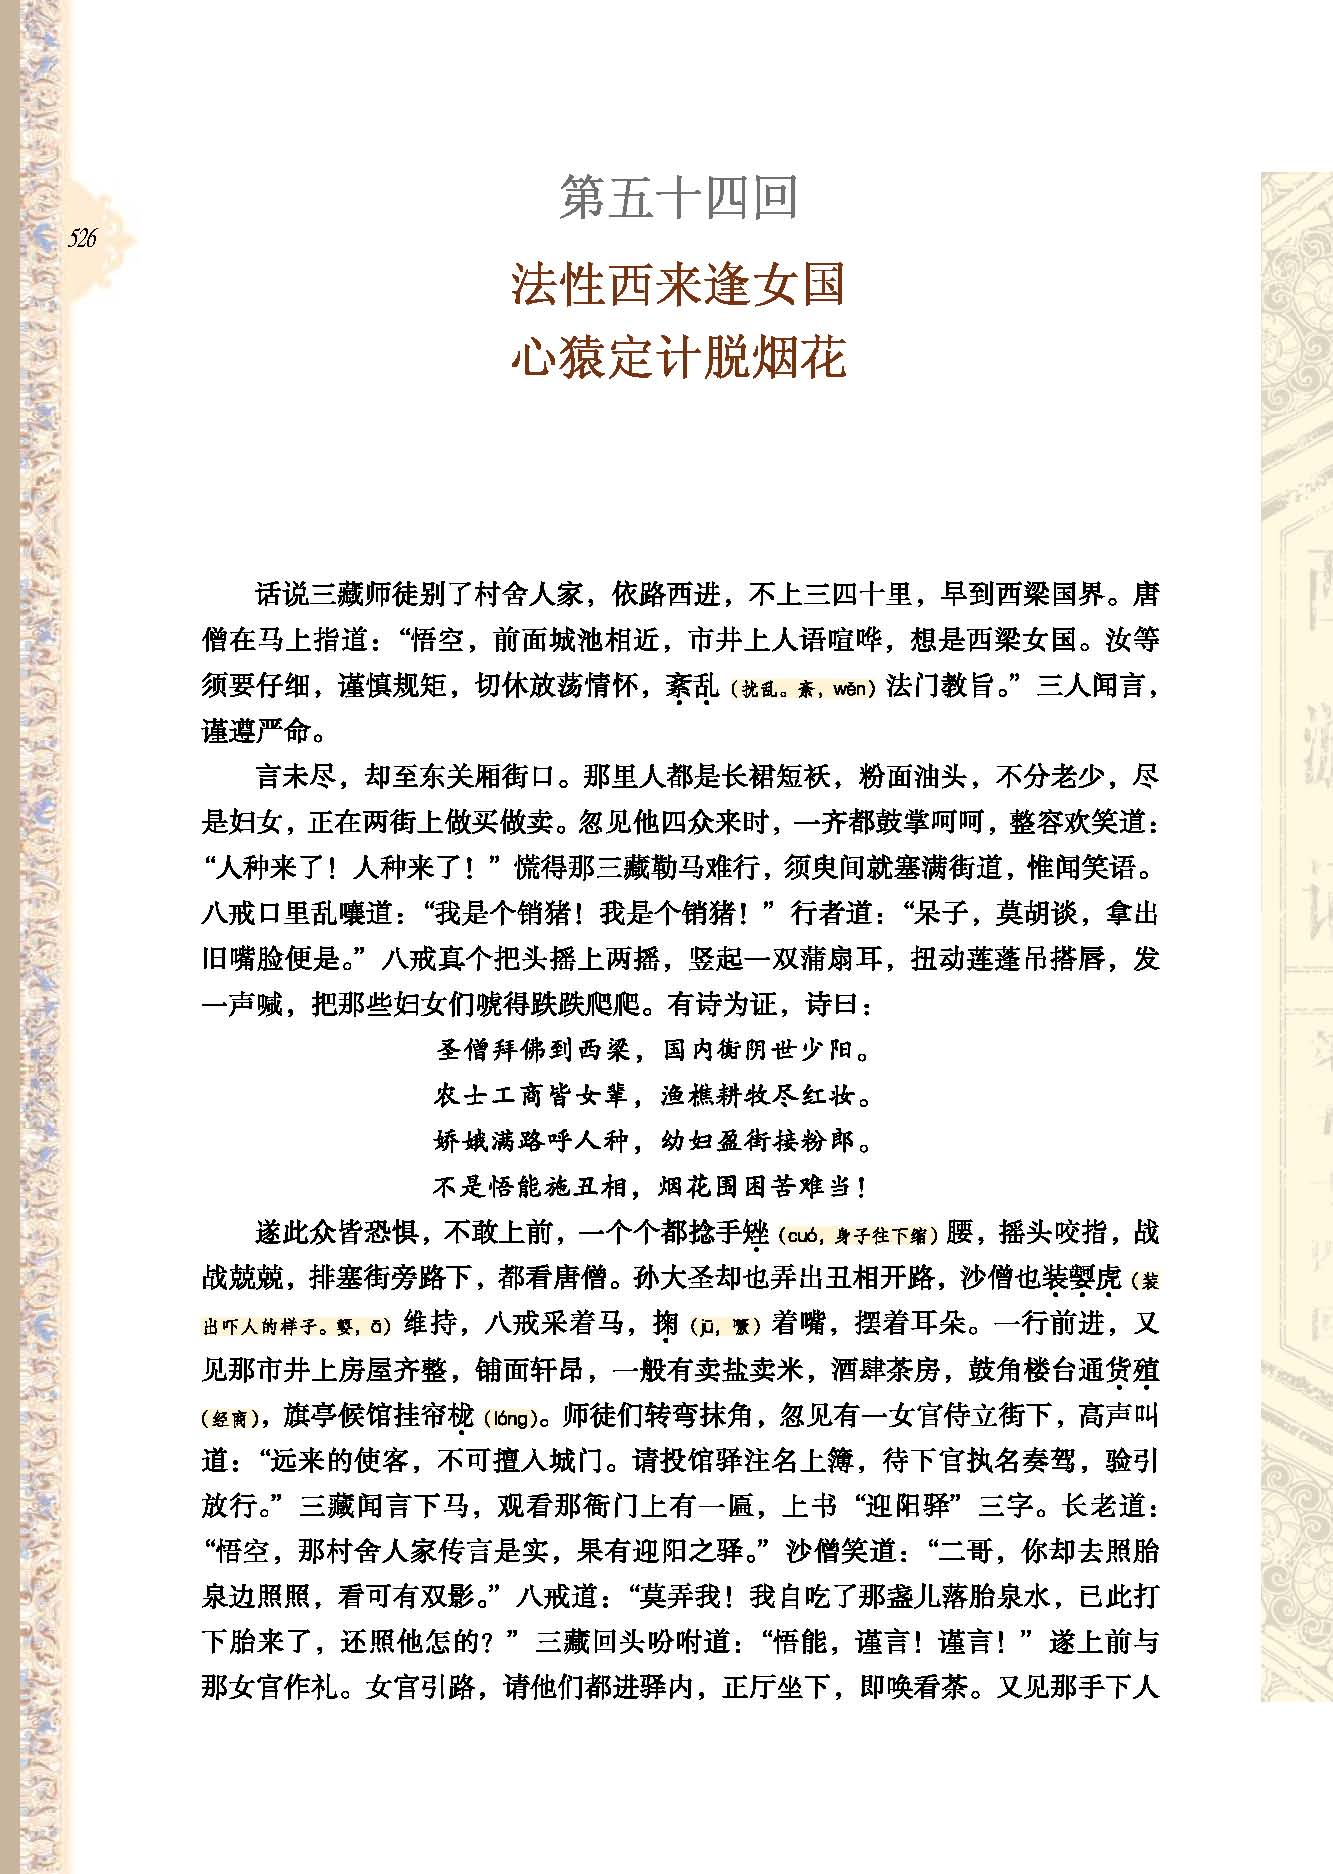 西游记云宫迅音吉他谱简单